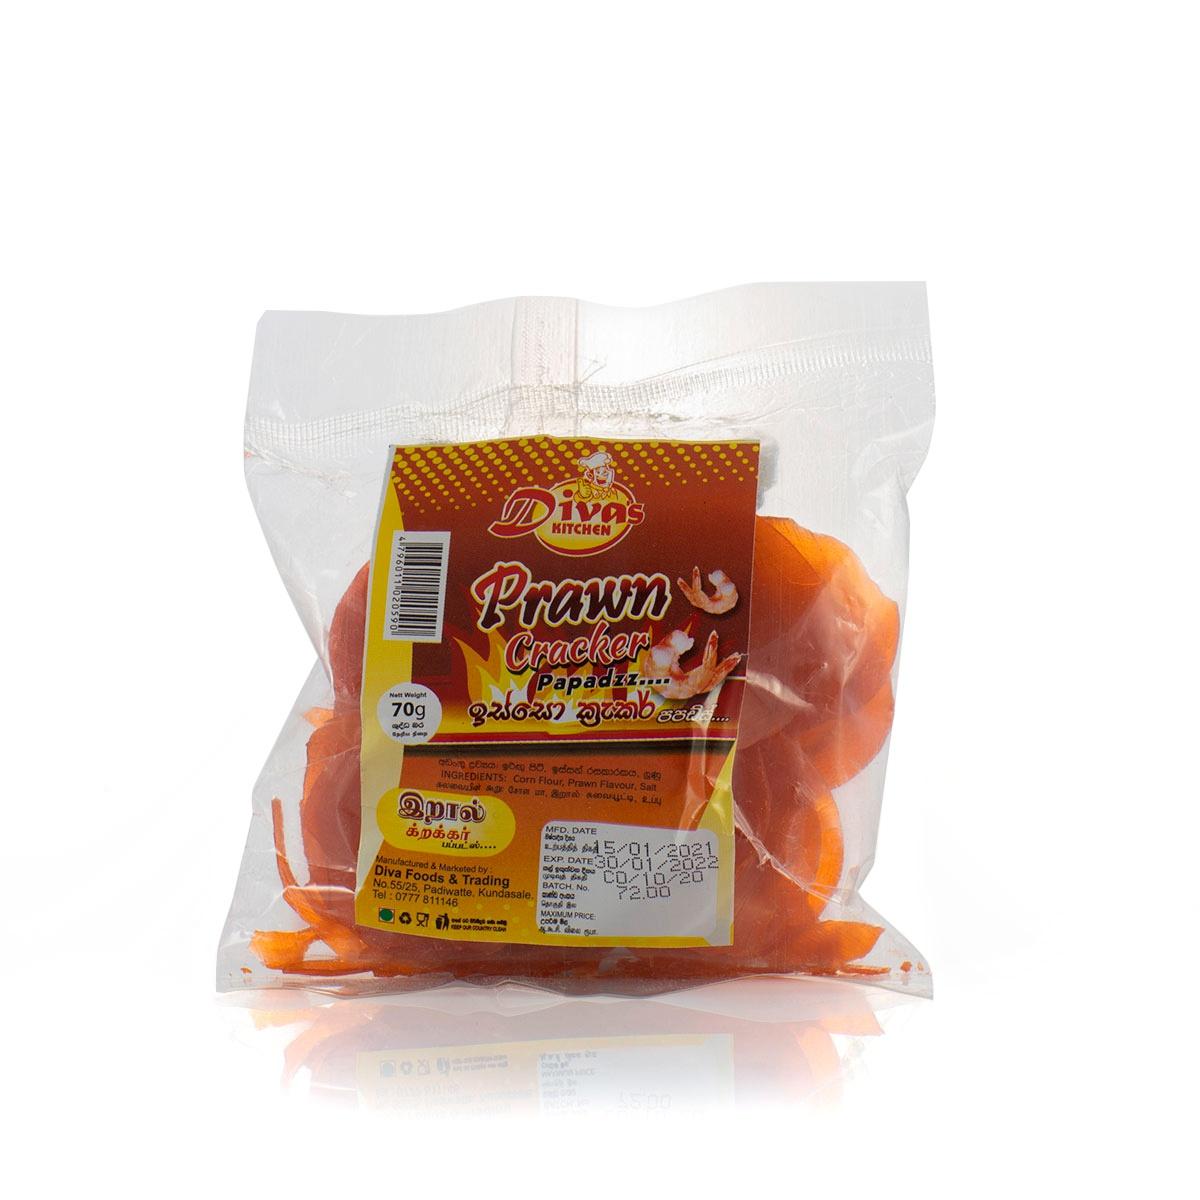 Diva's Kitchen Prawn Cracker 70g - in Sri Lanka